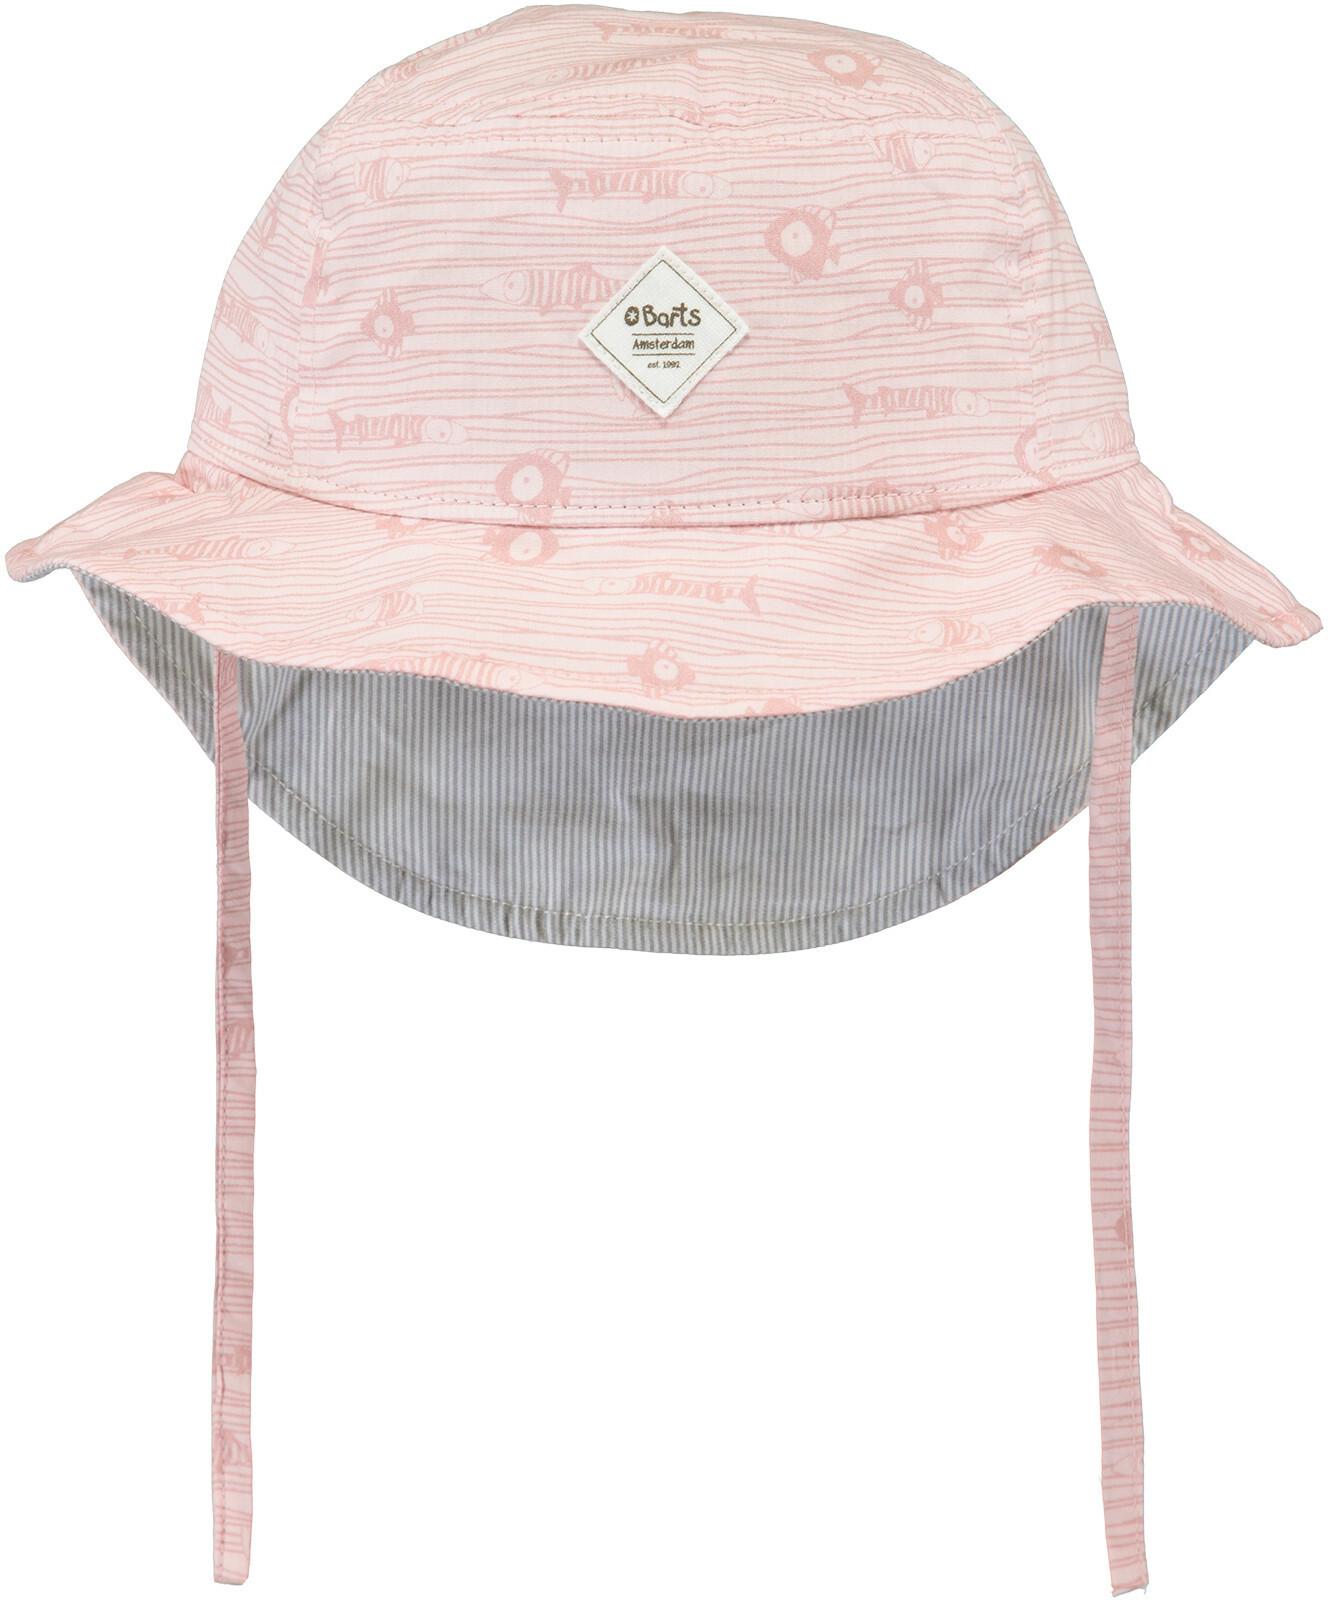 Lune Buckethat - pink